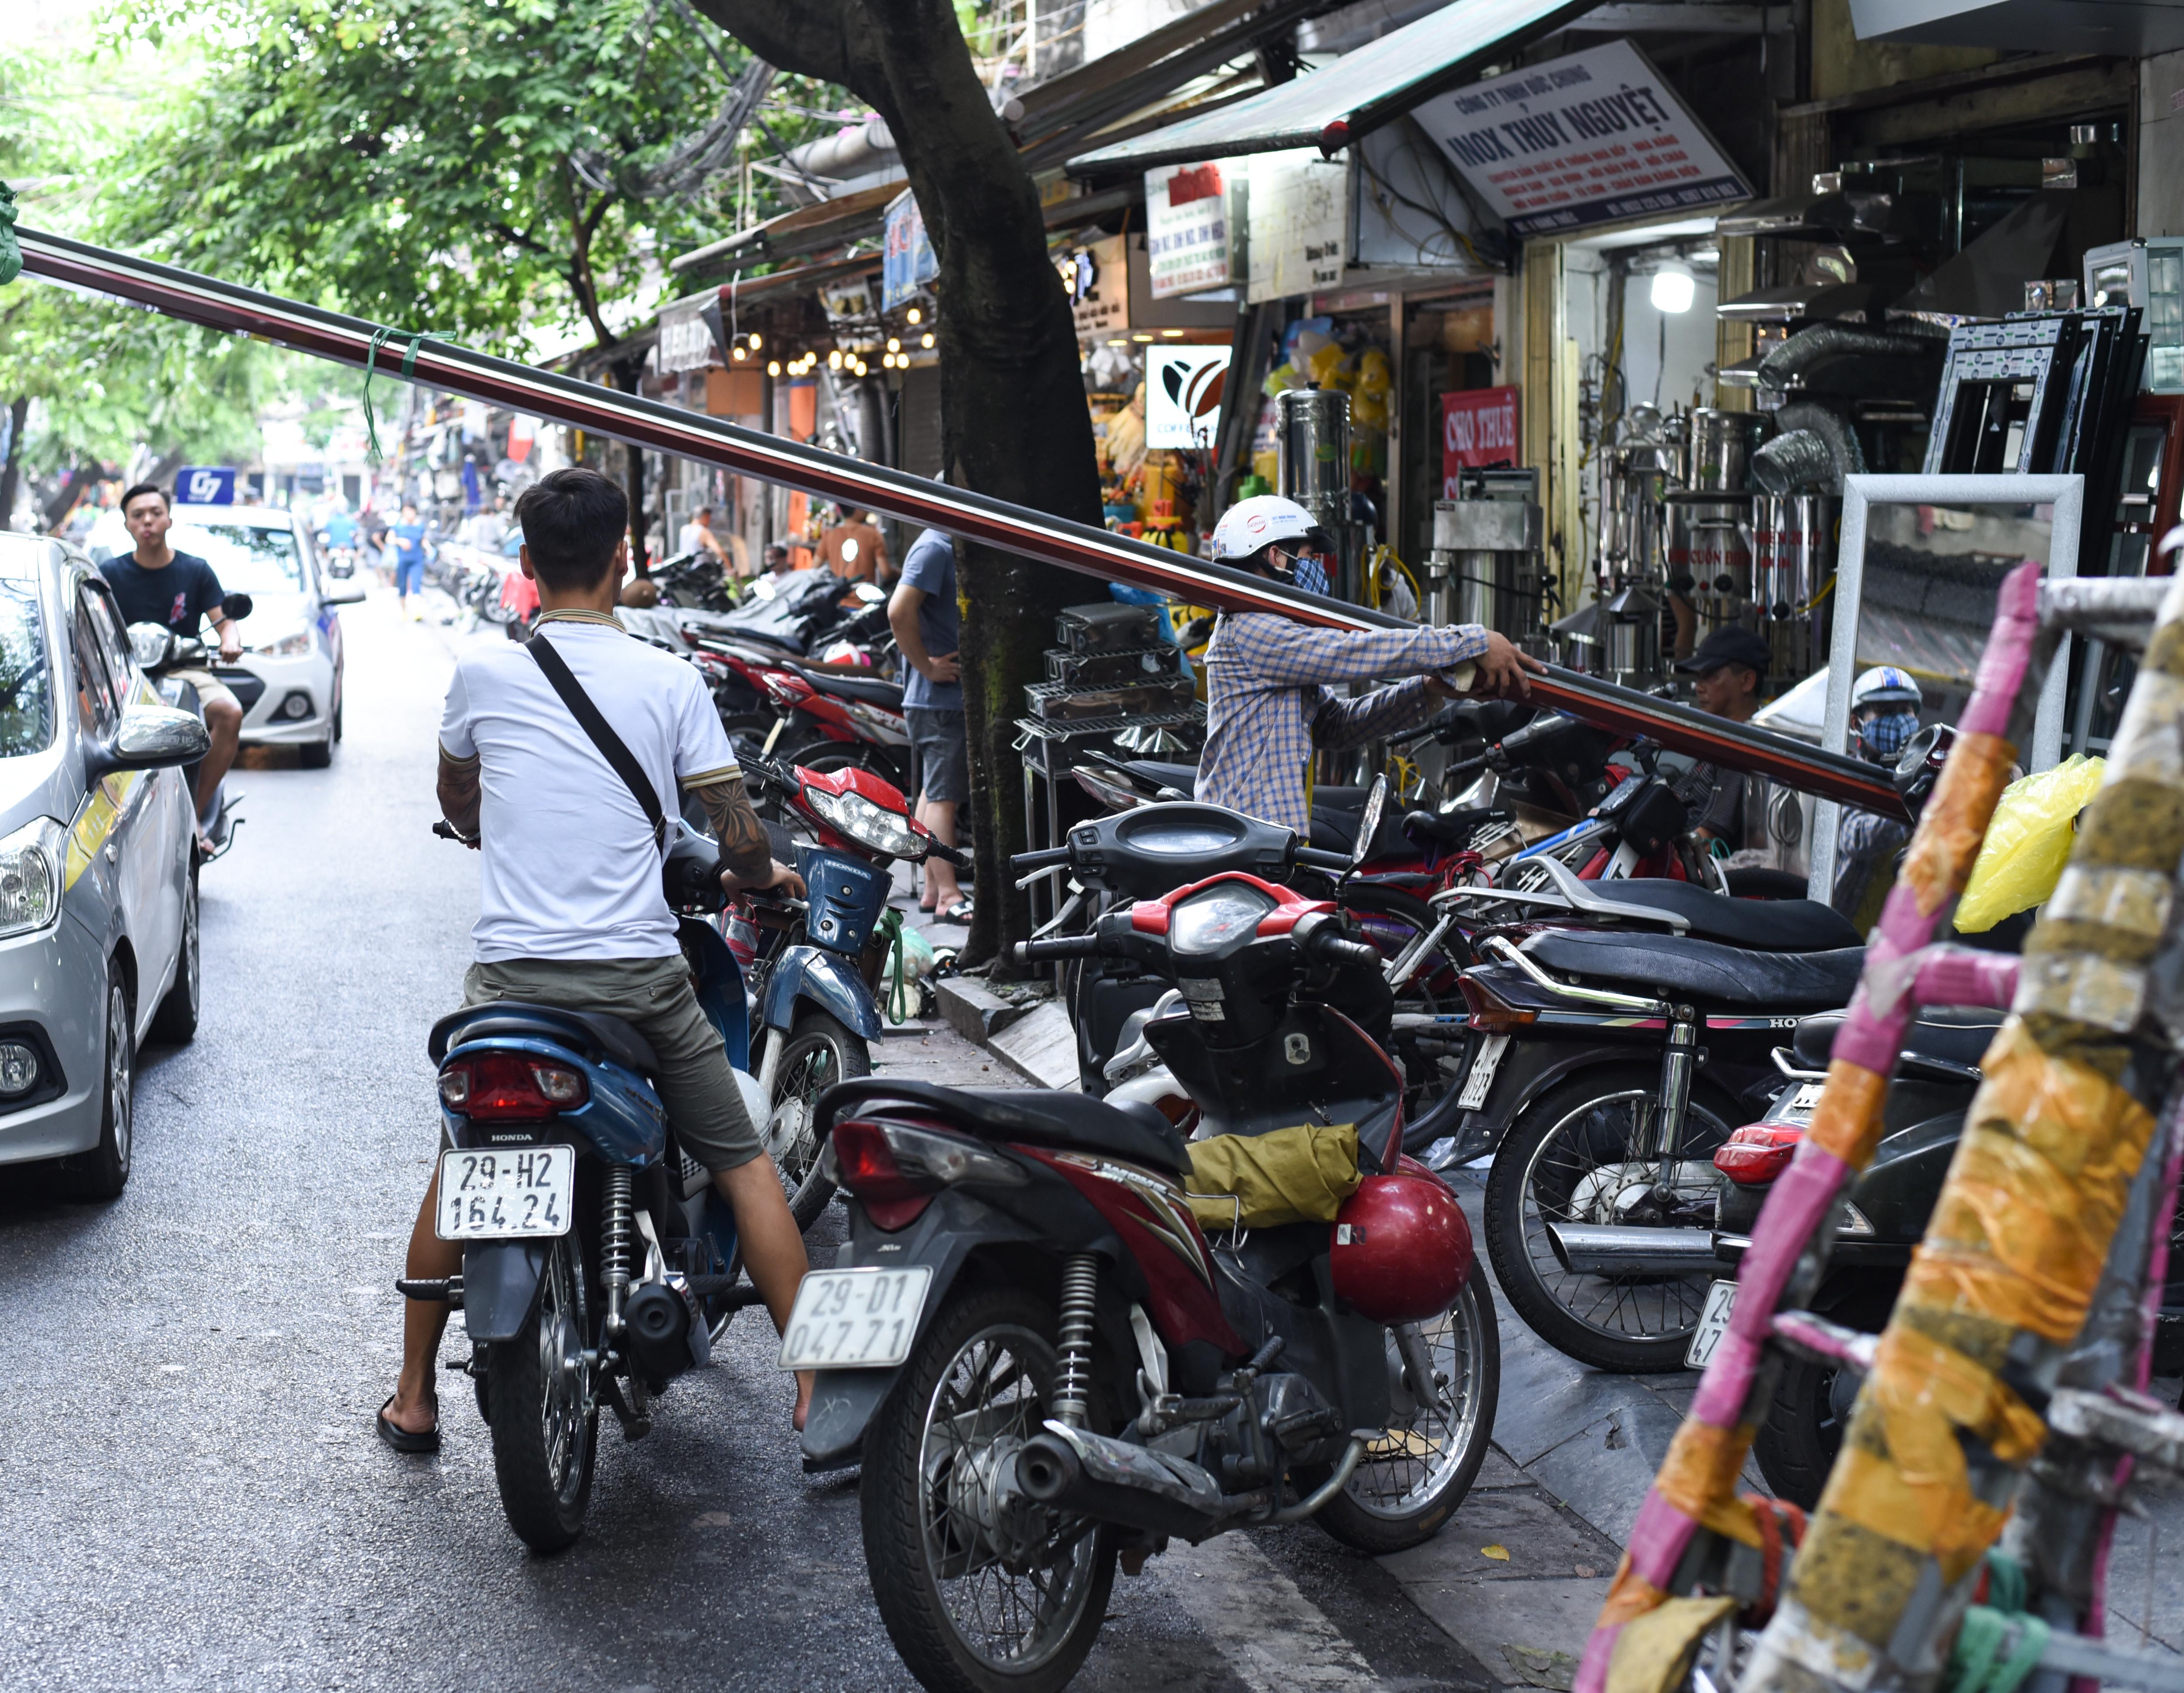 Hà Nội: Khốn khổ như dân phố cổ, muốn đi bộ cũng không yên vì vỉa hè bị 'chiếm' từ bao giờ không ai nhớ nữa - 7